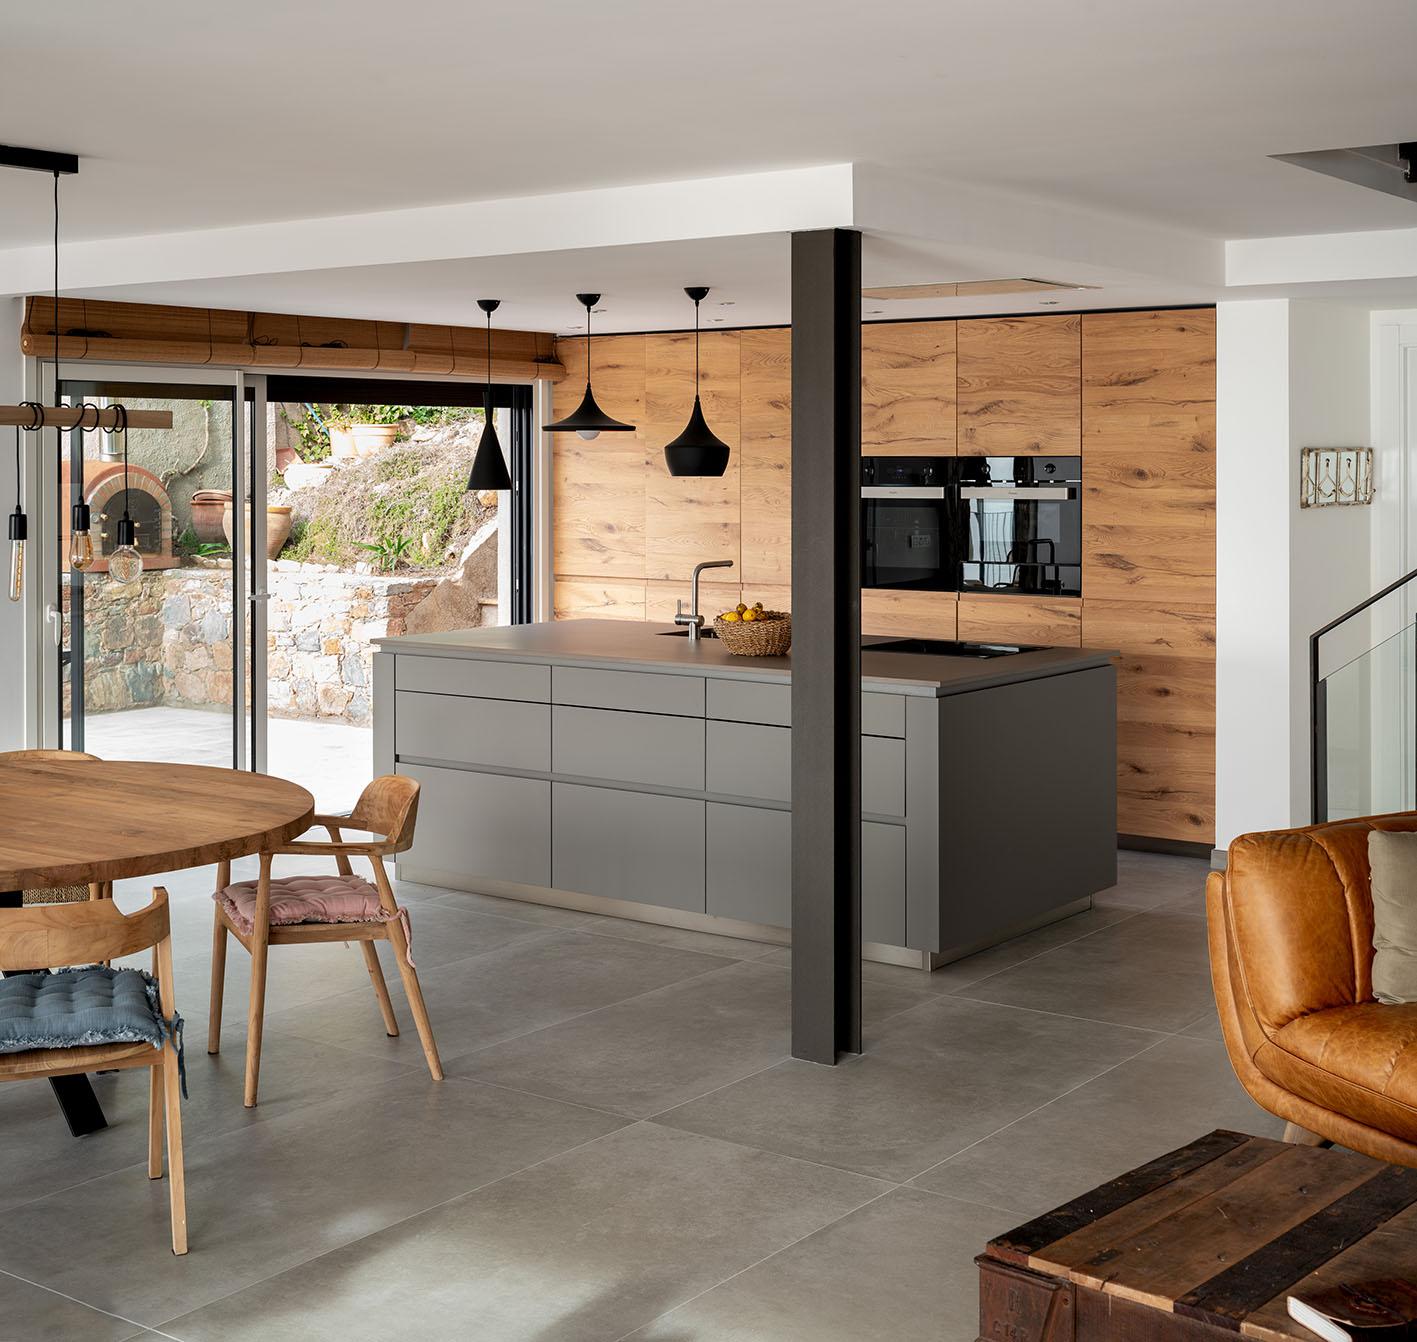 Fotografía de arquitectura - Imagen de cocina en unifamiliar